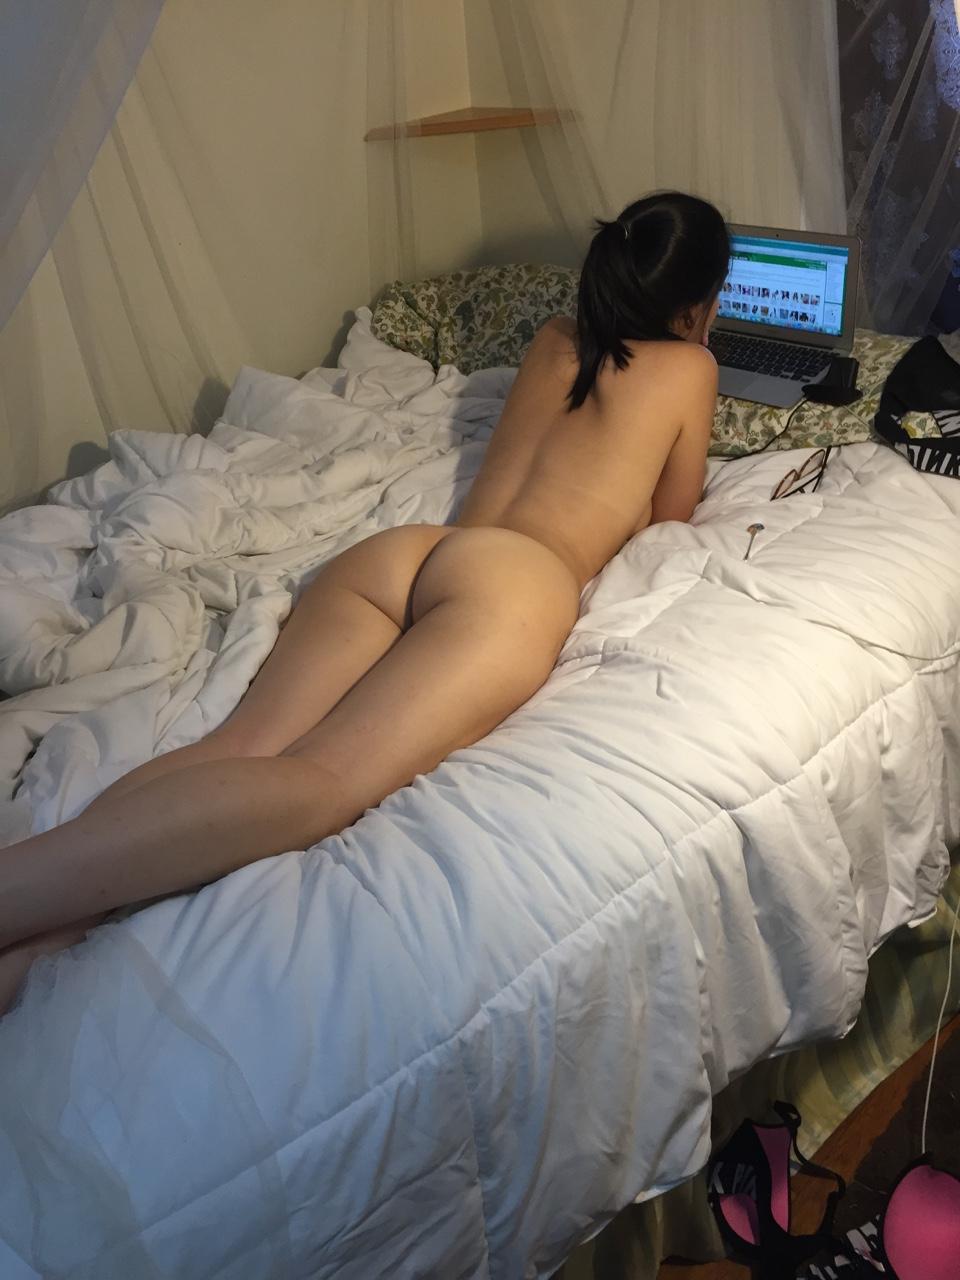 amateur-bedroom-vid-sexy